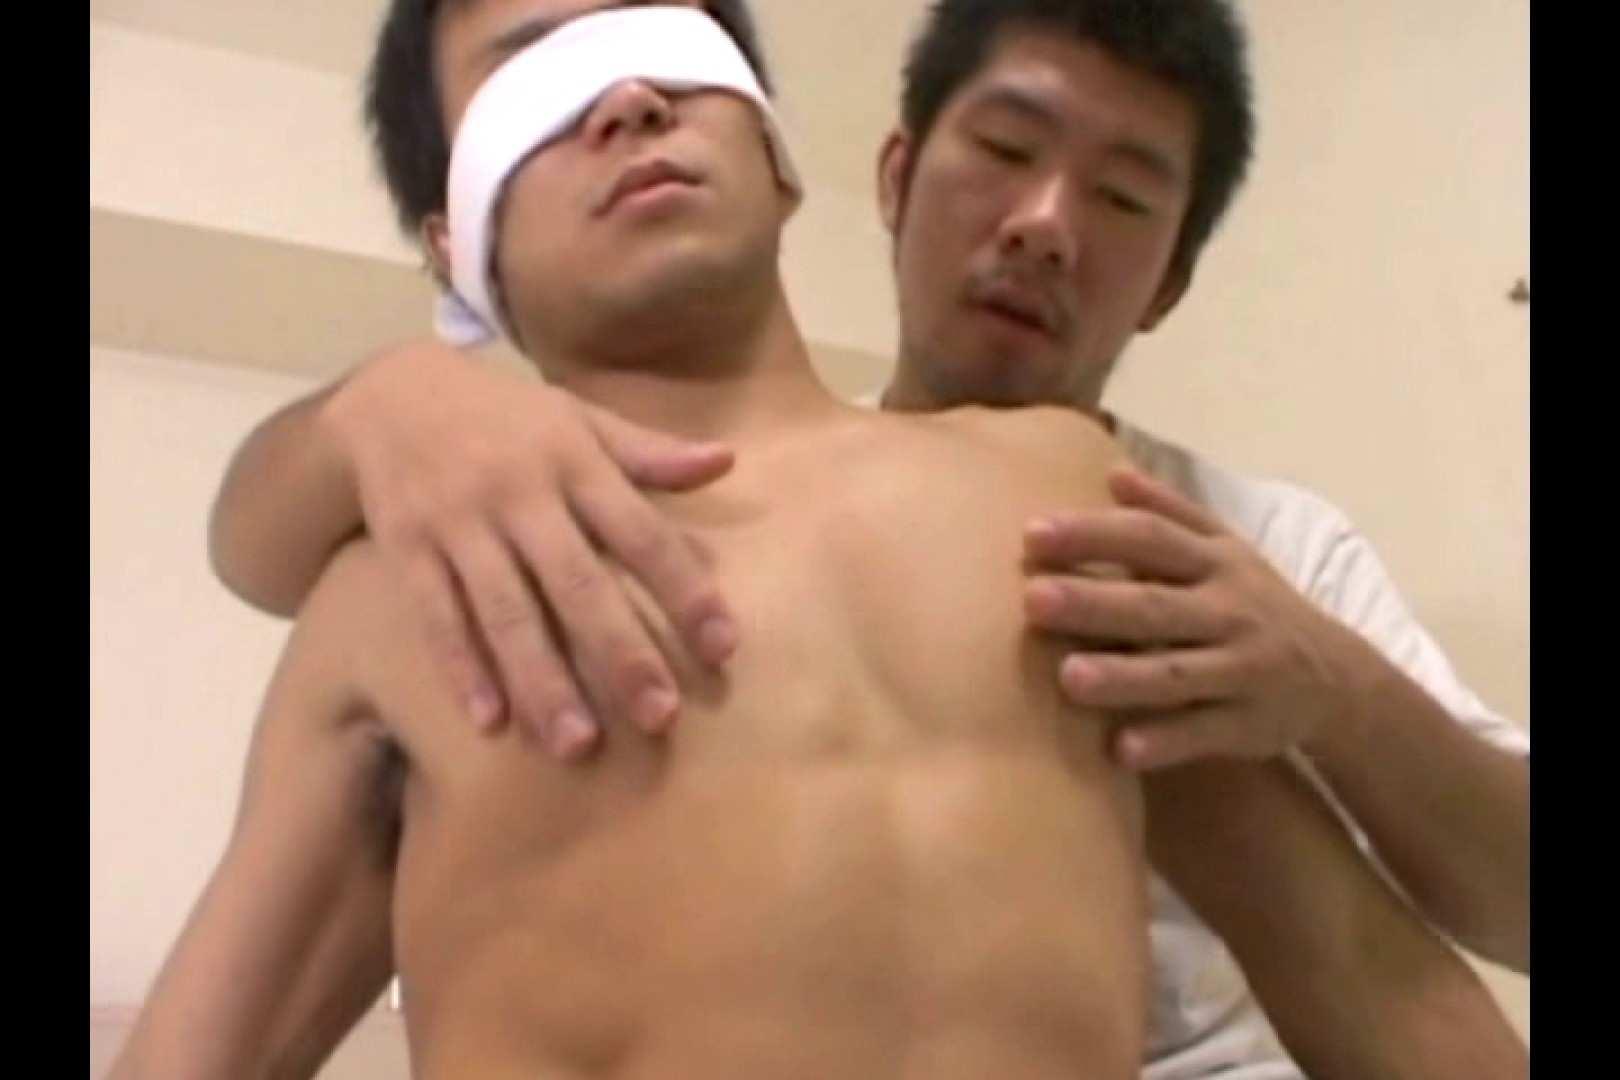 ノンケさんいらっしゃーい前編 ノンケ達のセックス   男の世界  103画像 37